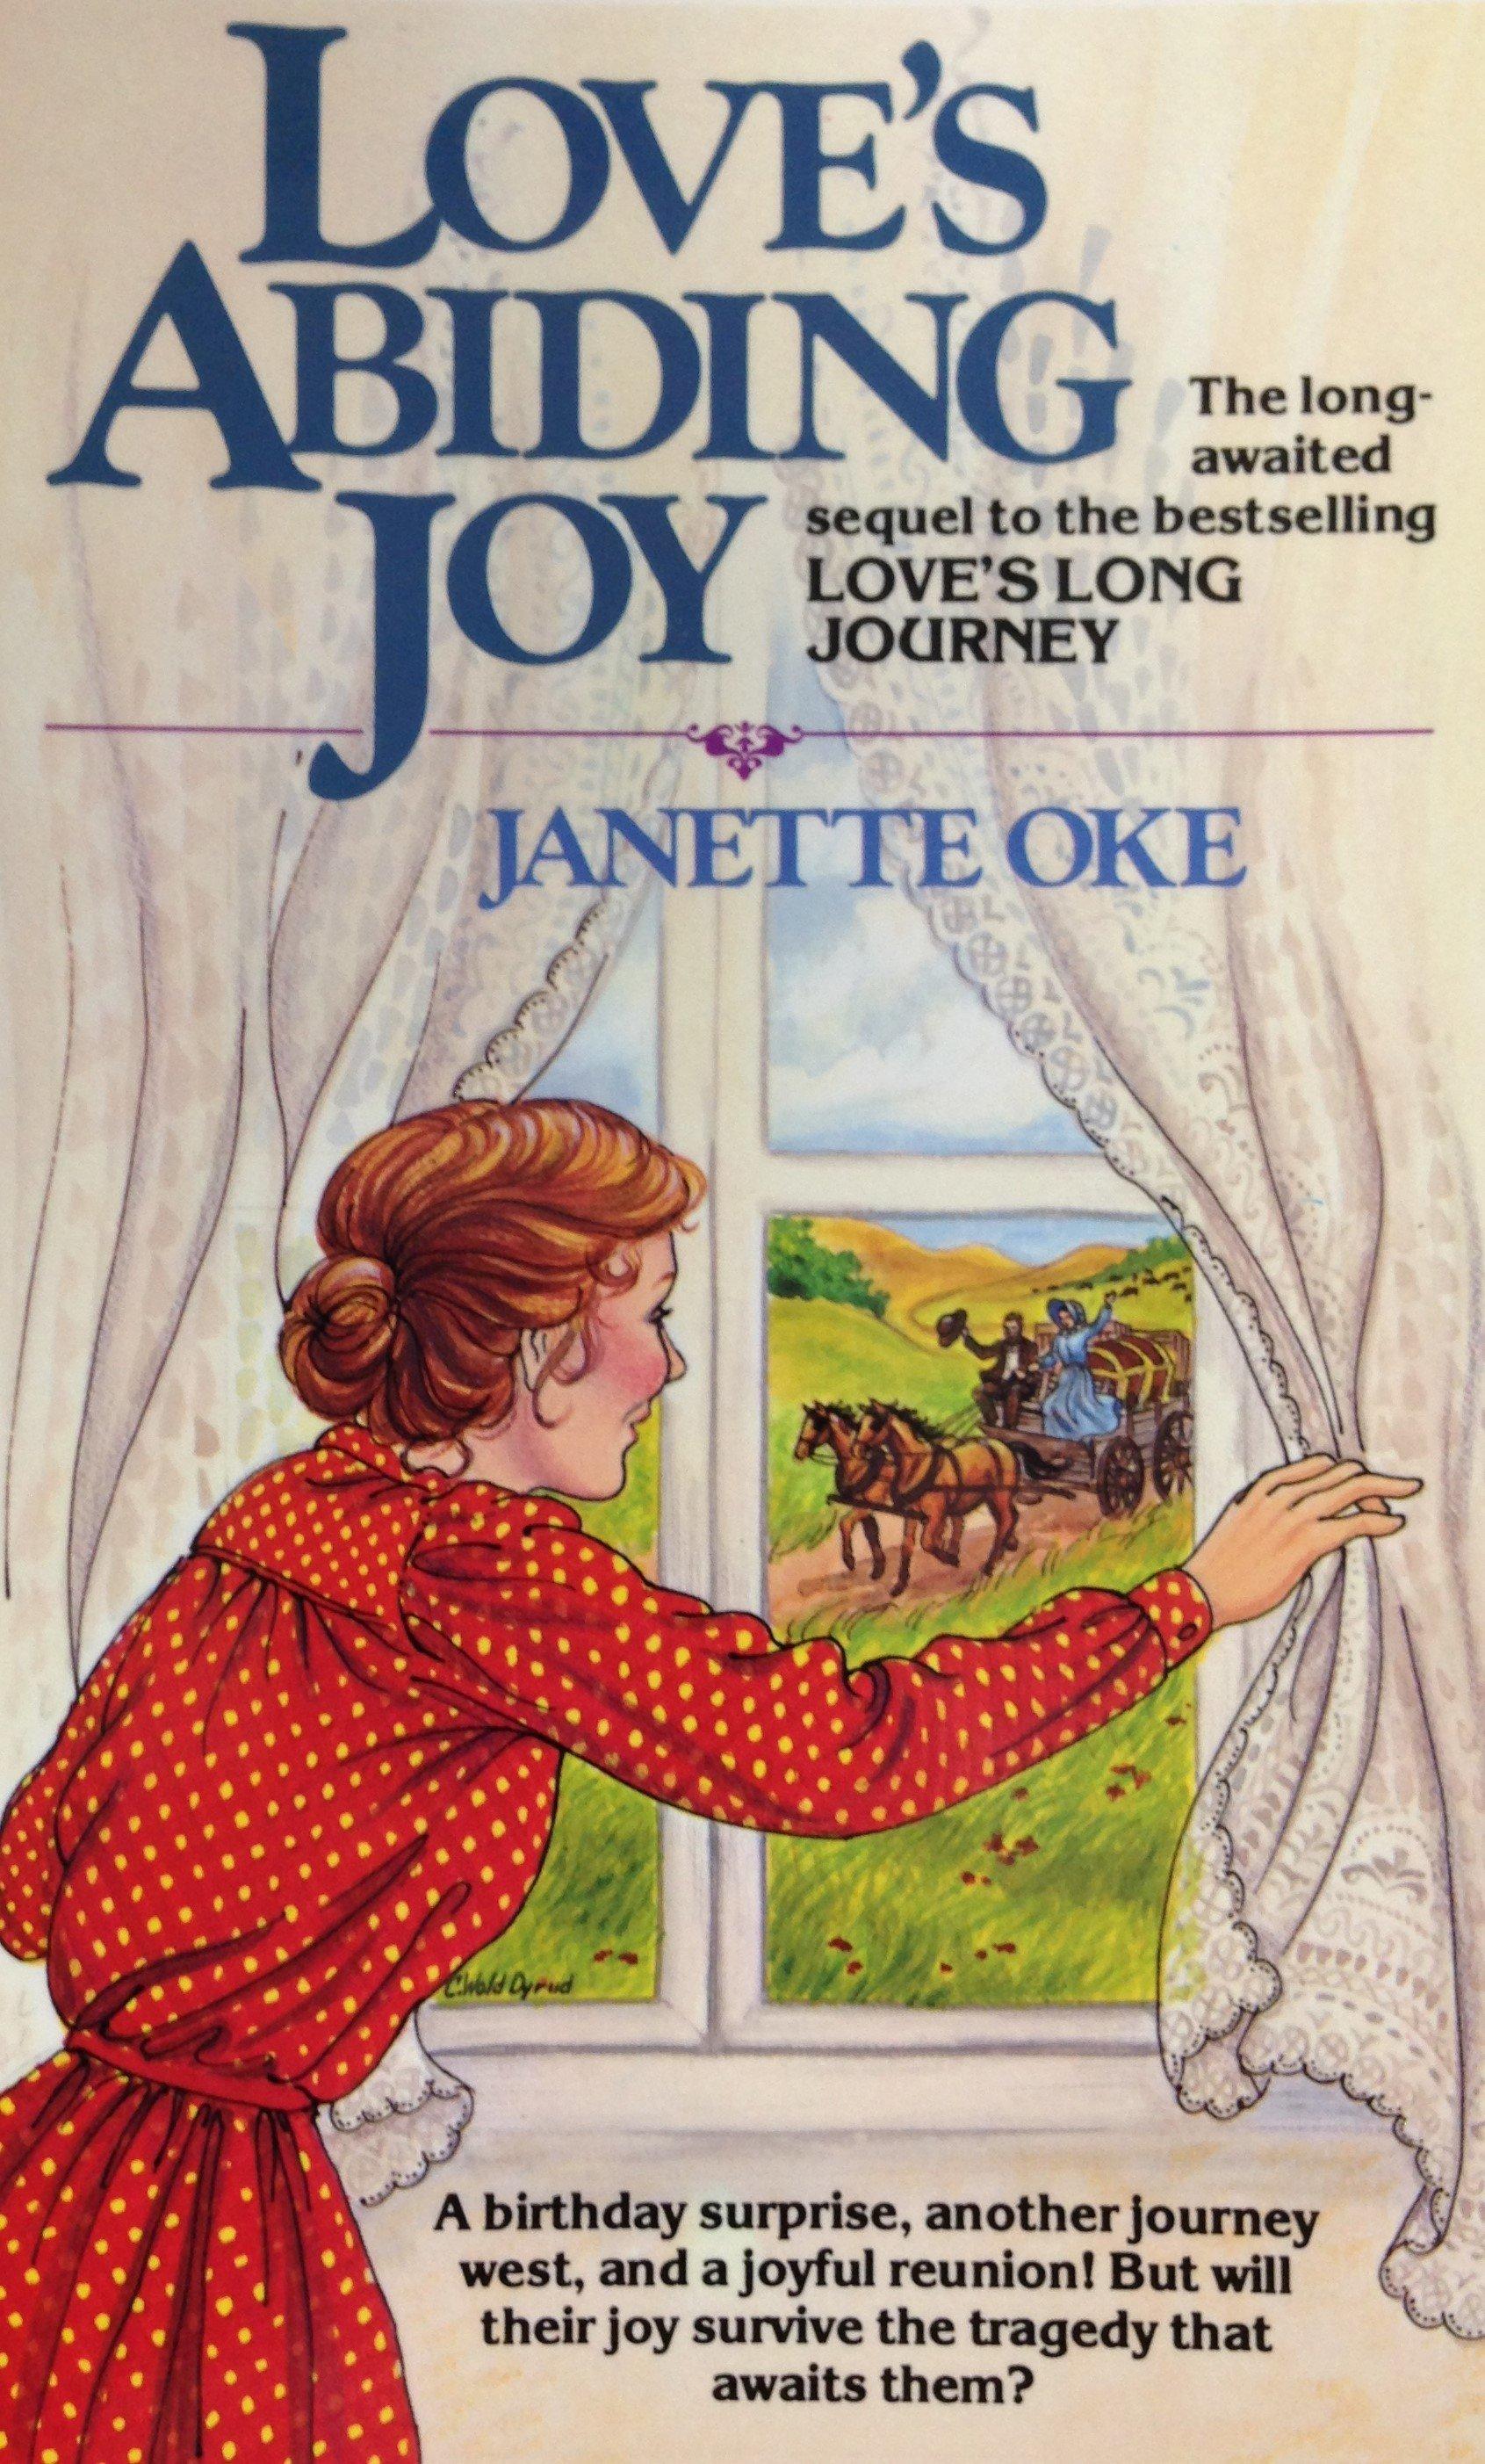 Love's Abiding Joy by Janette Oke 00127